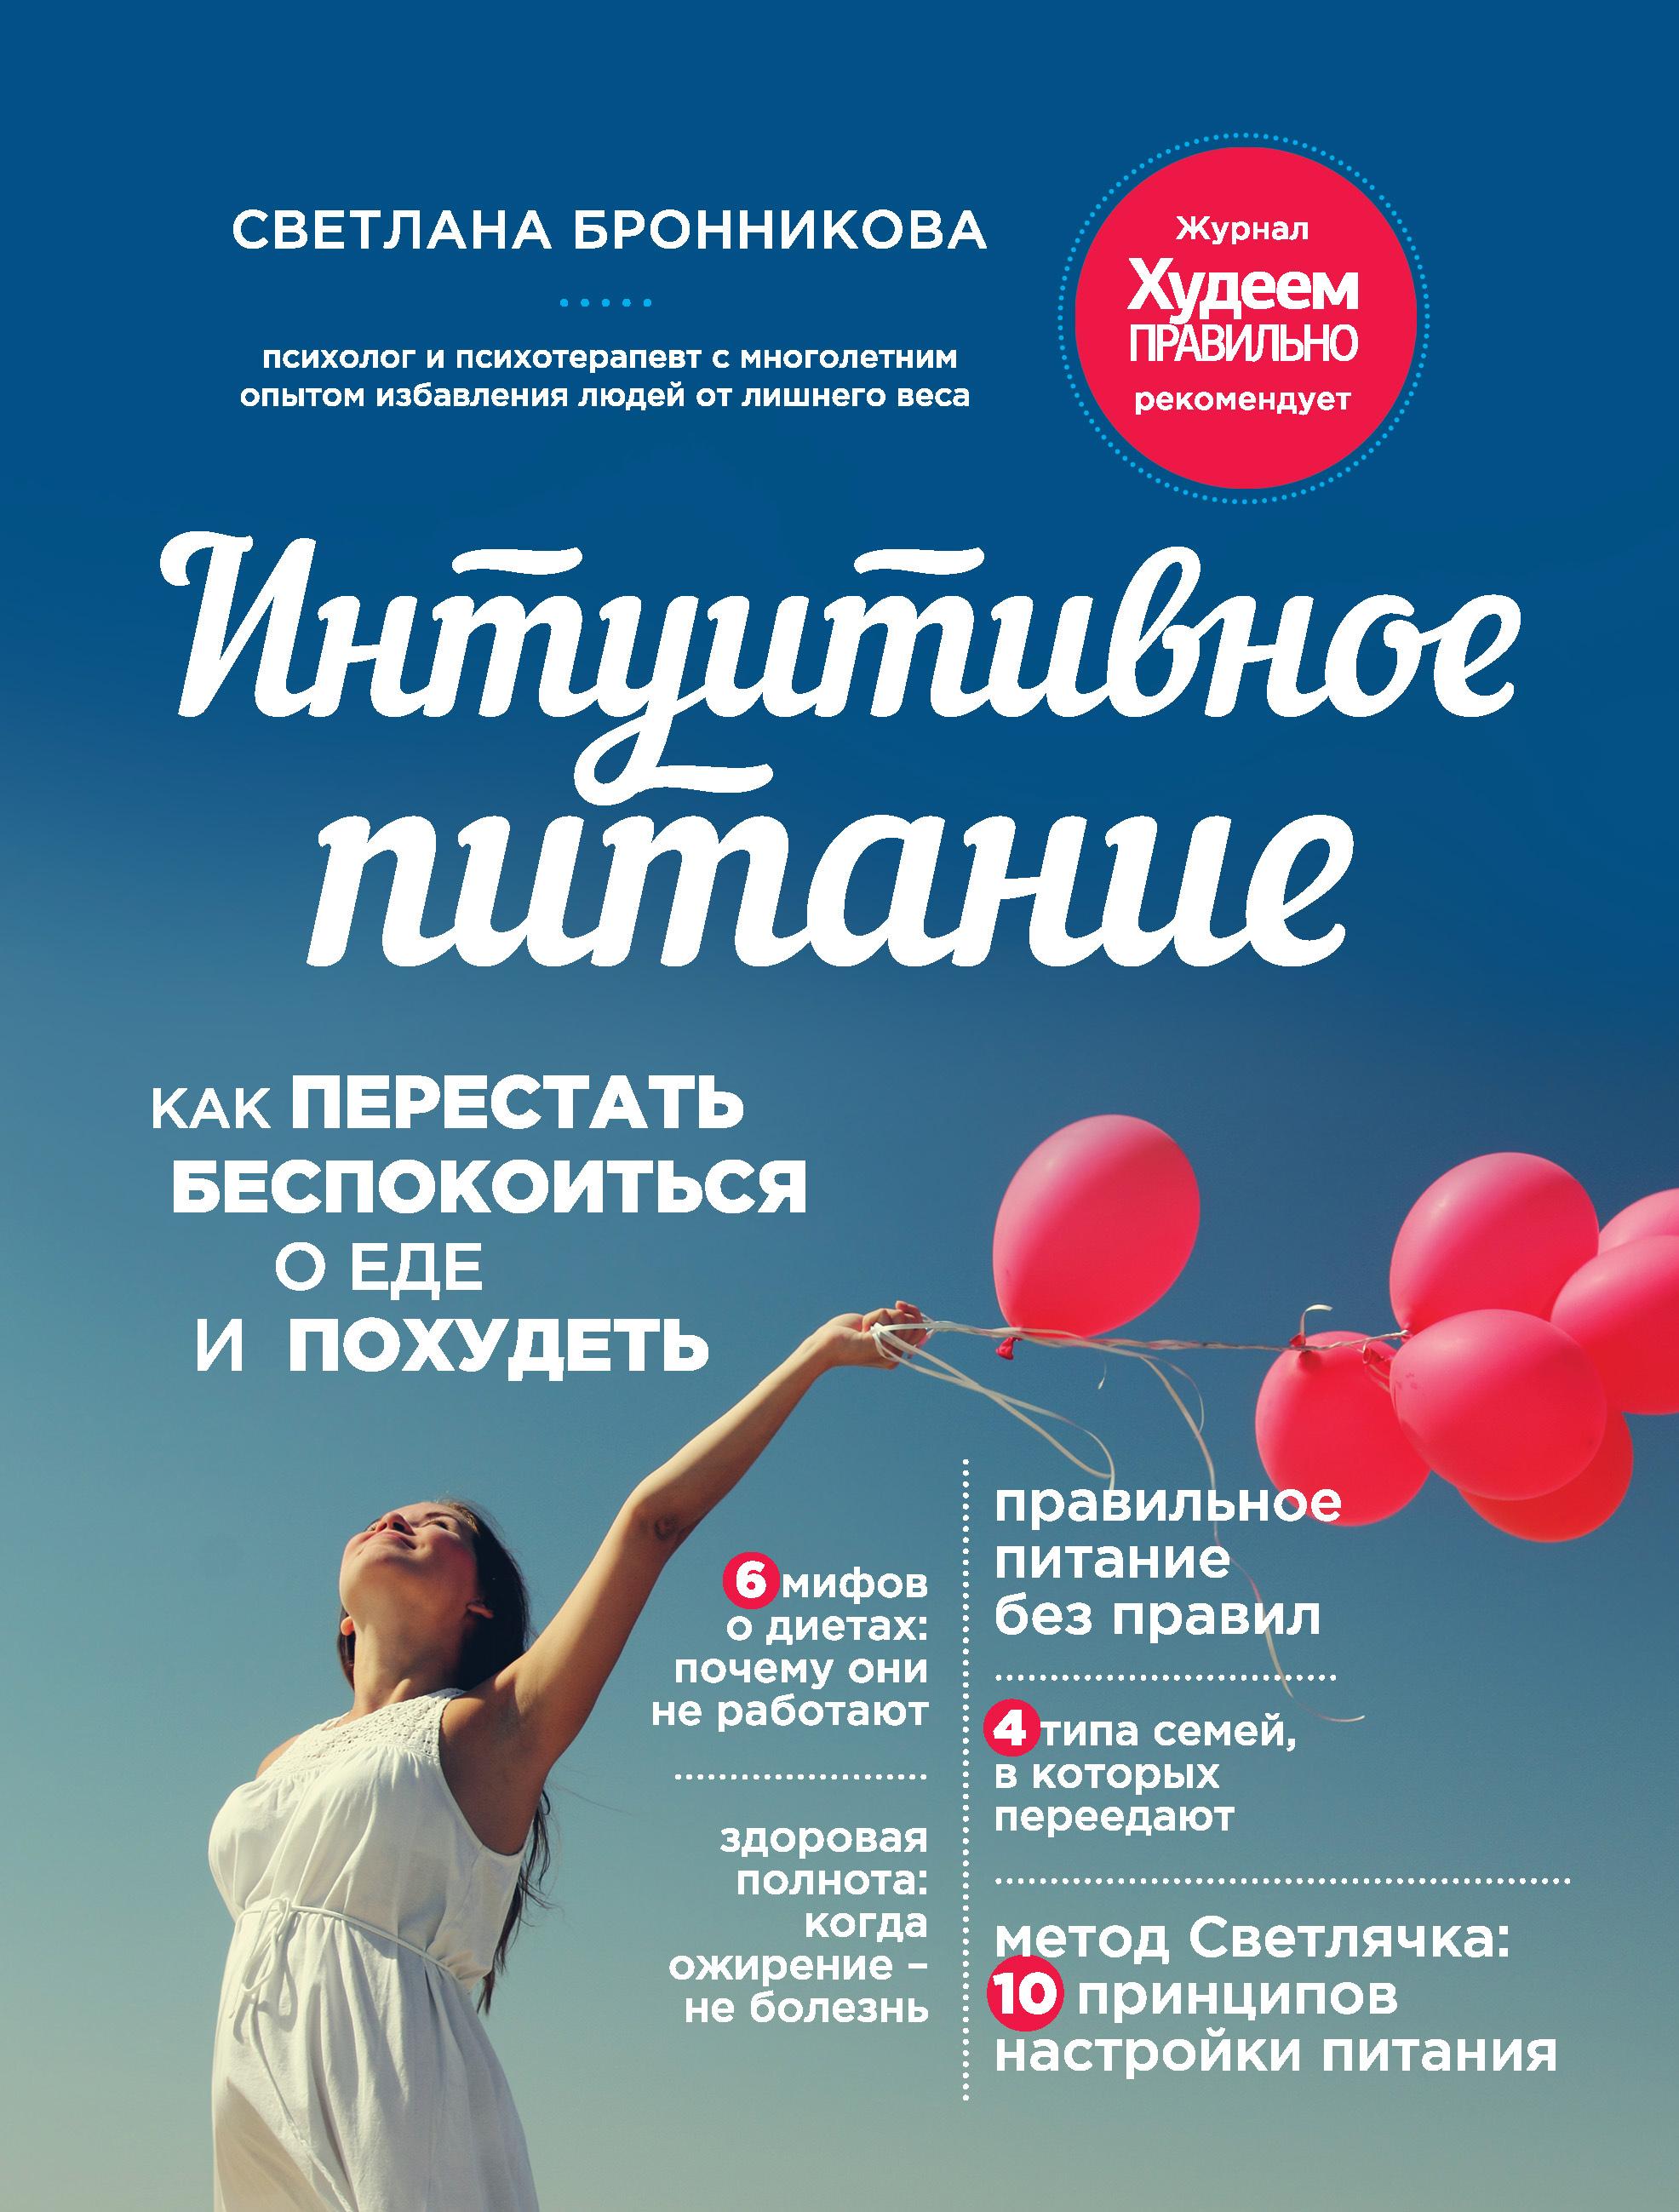 Москва Психотерапевт По Похудению. Психологический тренинг для похудения: мотивация для достижения результата